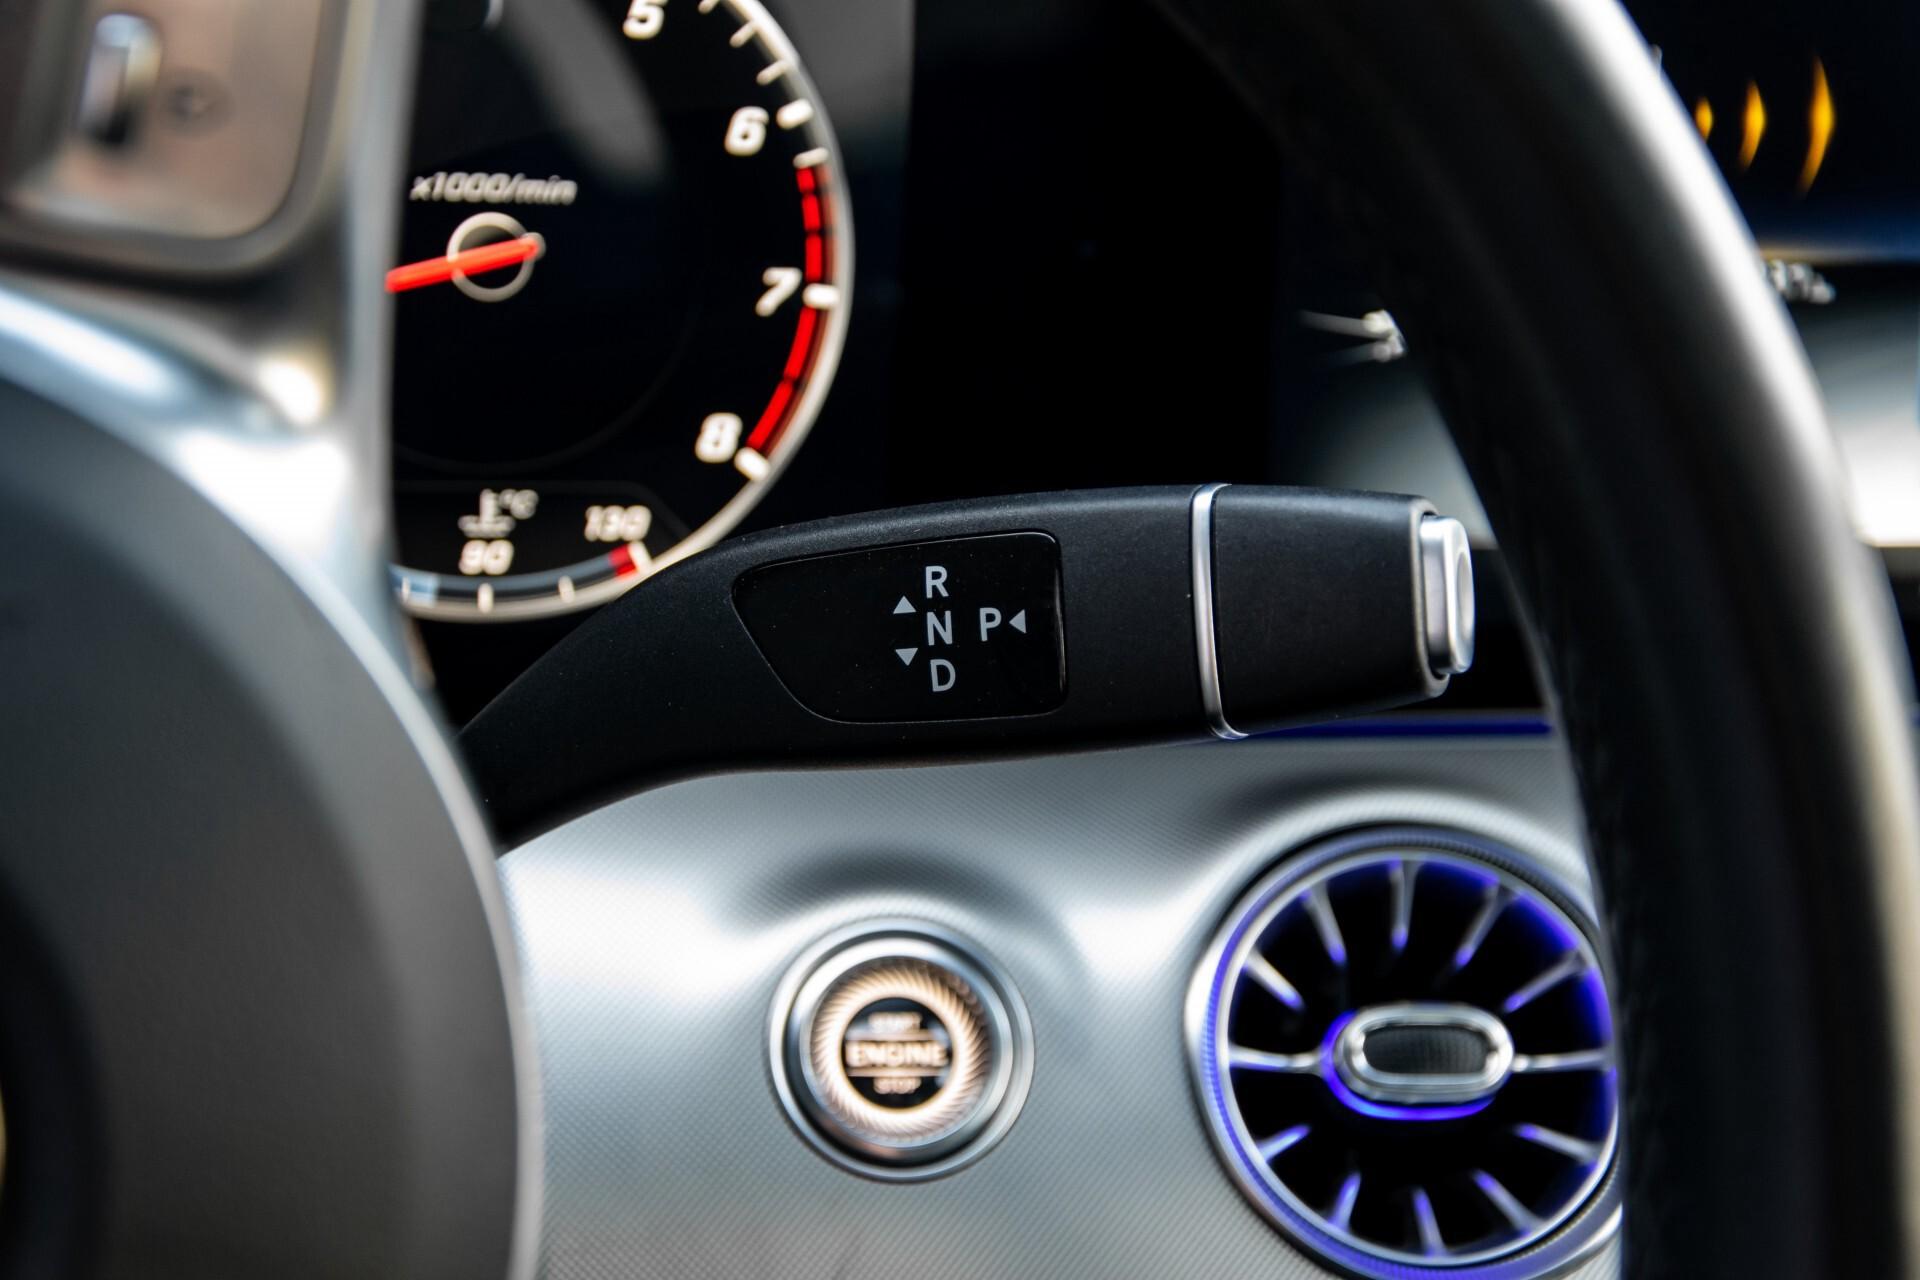 Mercedes-Benz E-Klasse Coupé 200 AMG Panorama/Night/Carbon/Premium/Widescreen/ILS Aut9 Foto 13